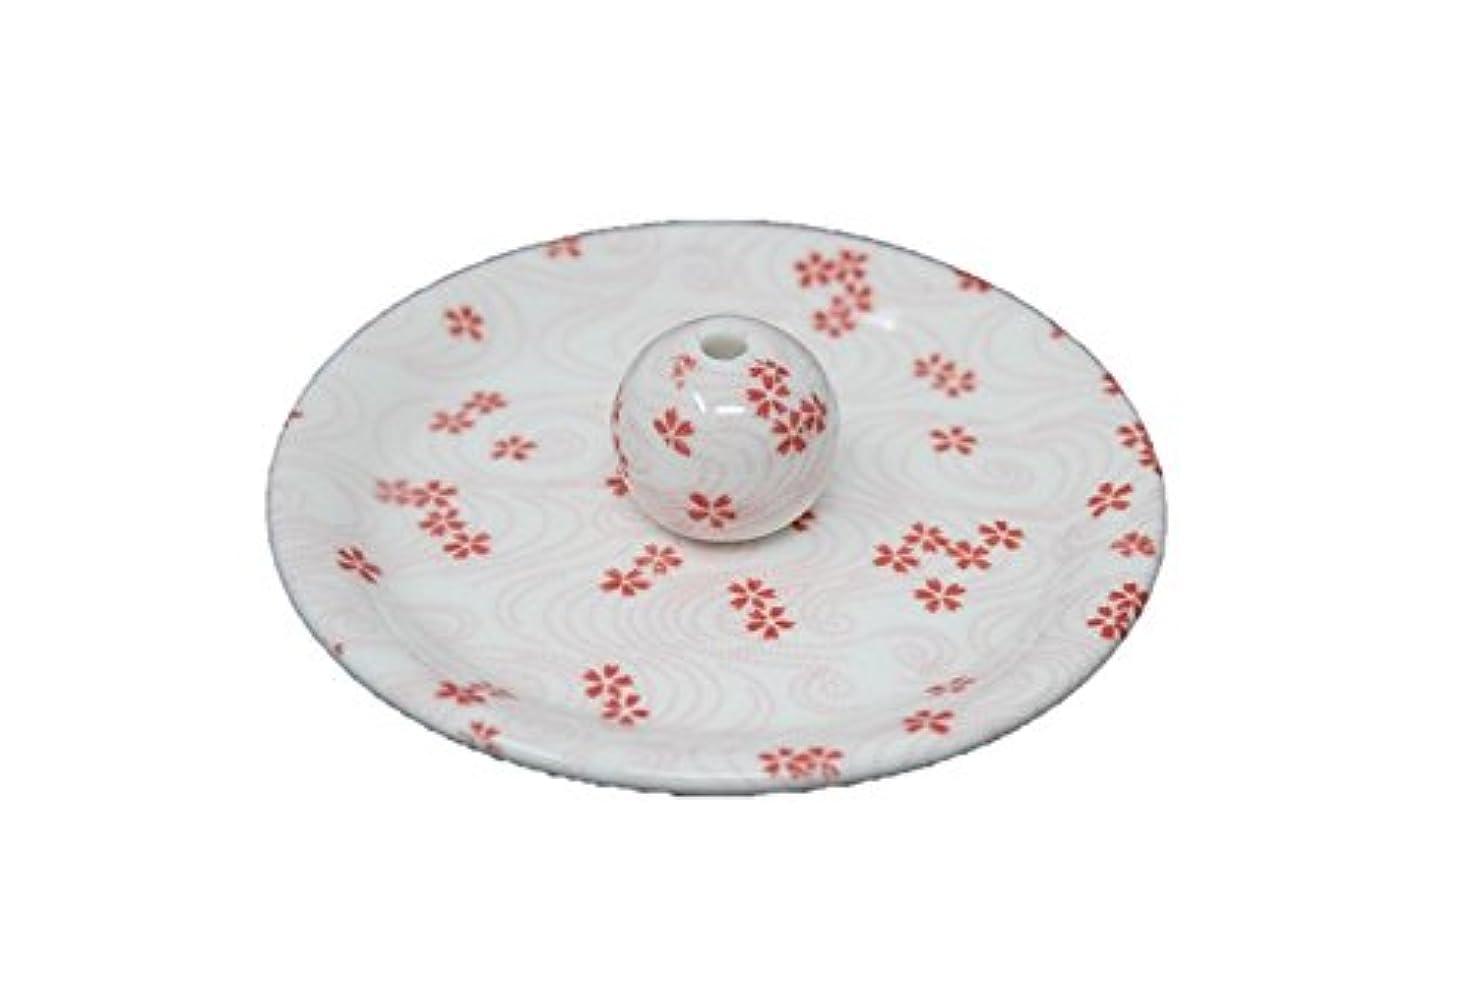 引くベルト熱心な9-34 桜渦 9cm香皿 お香立て お香たて 陶器 日本製 製造?直売品